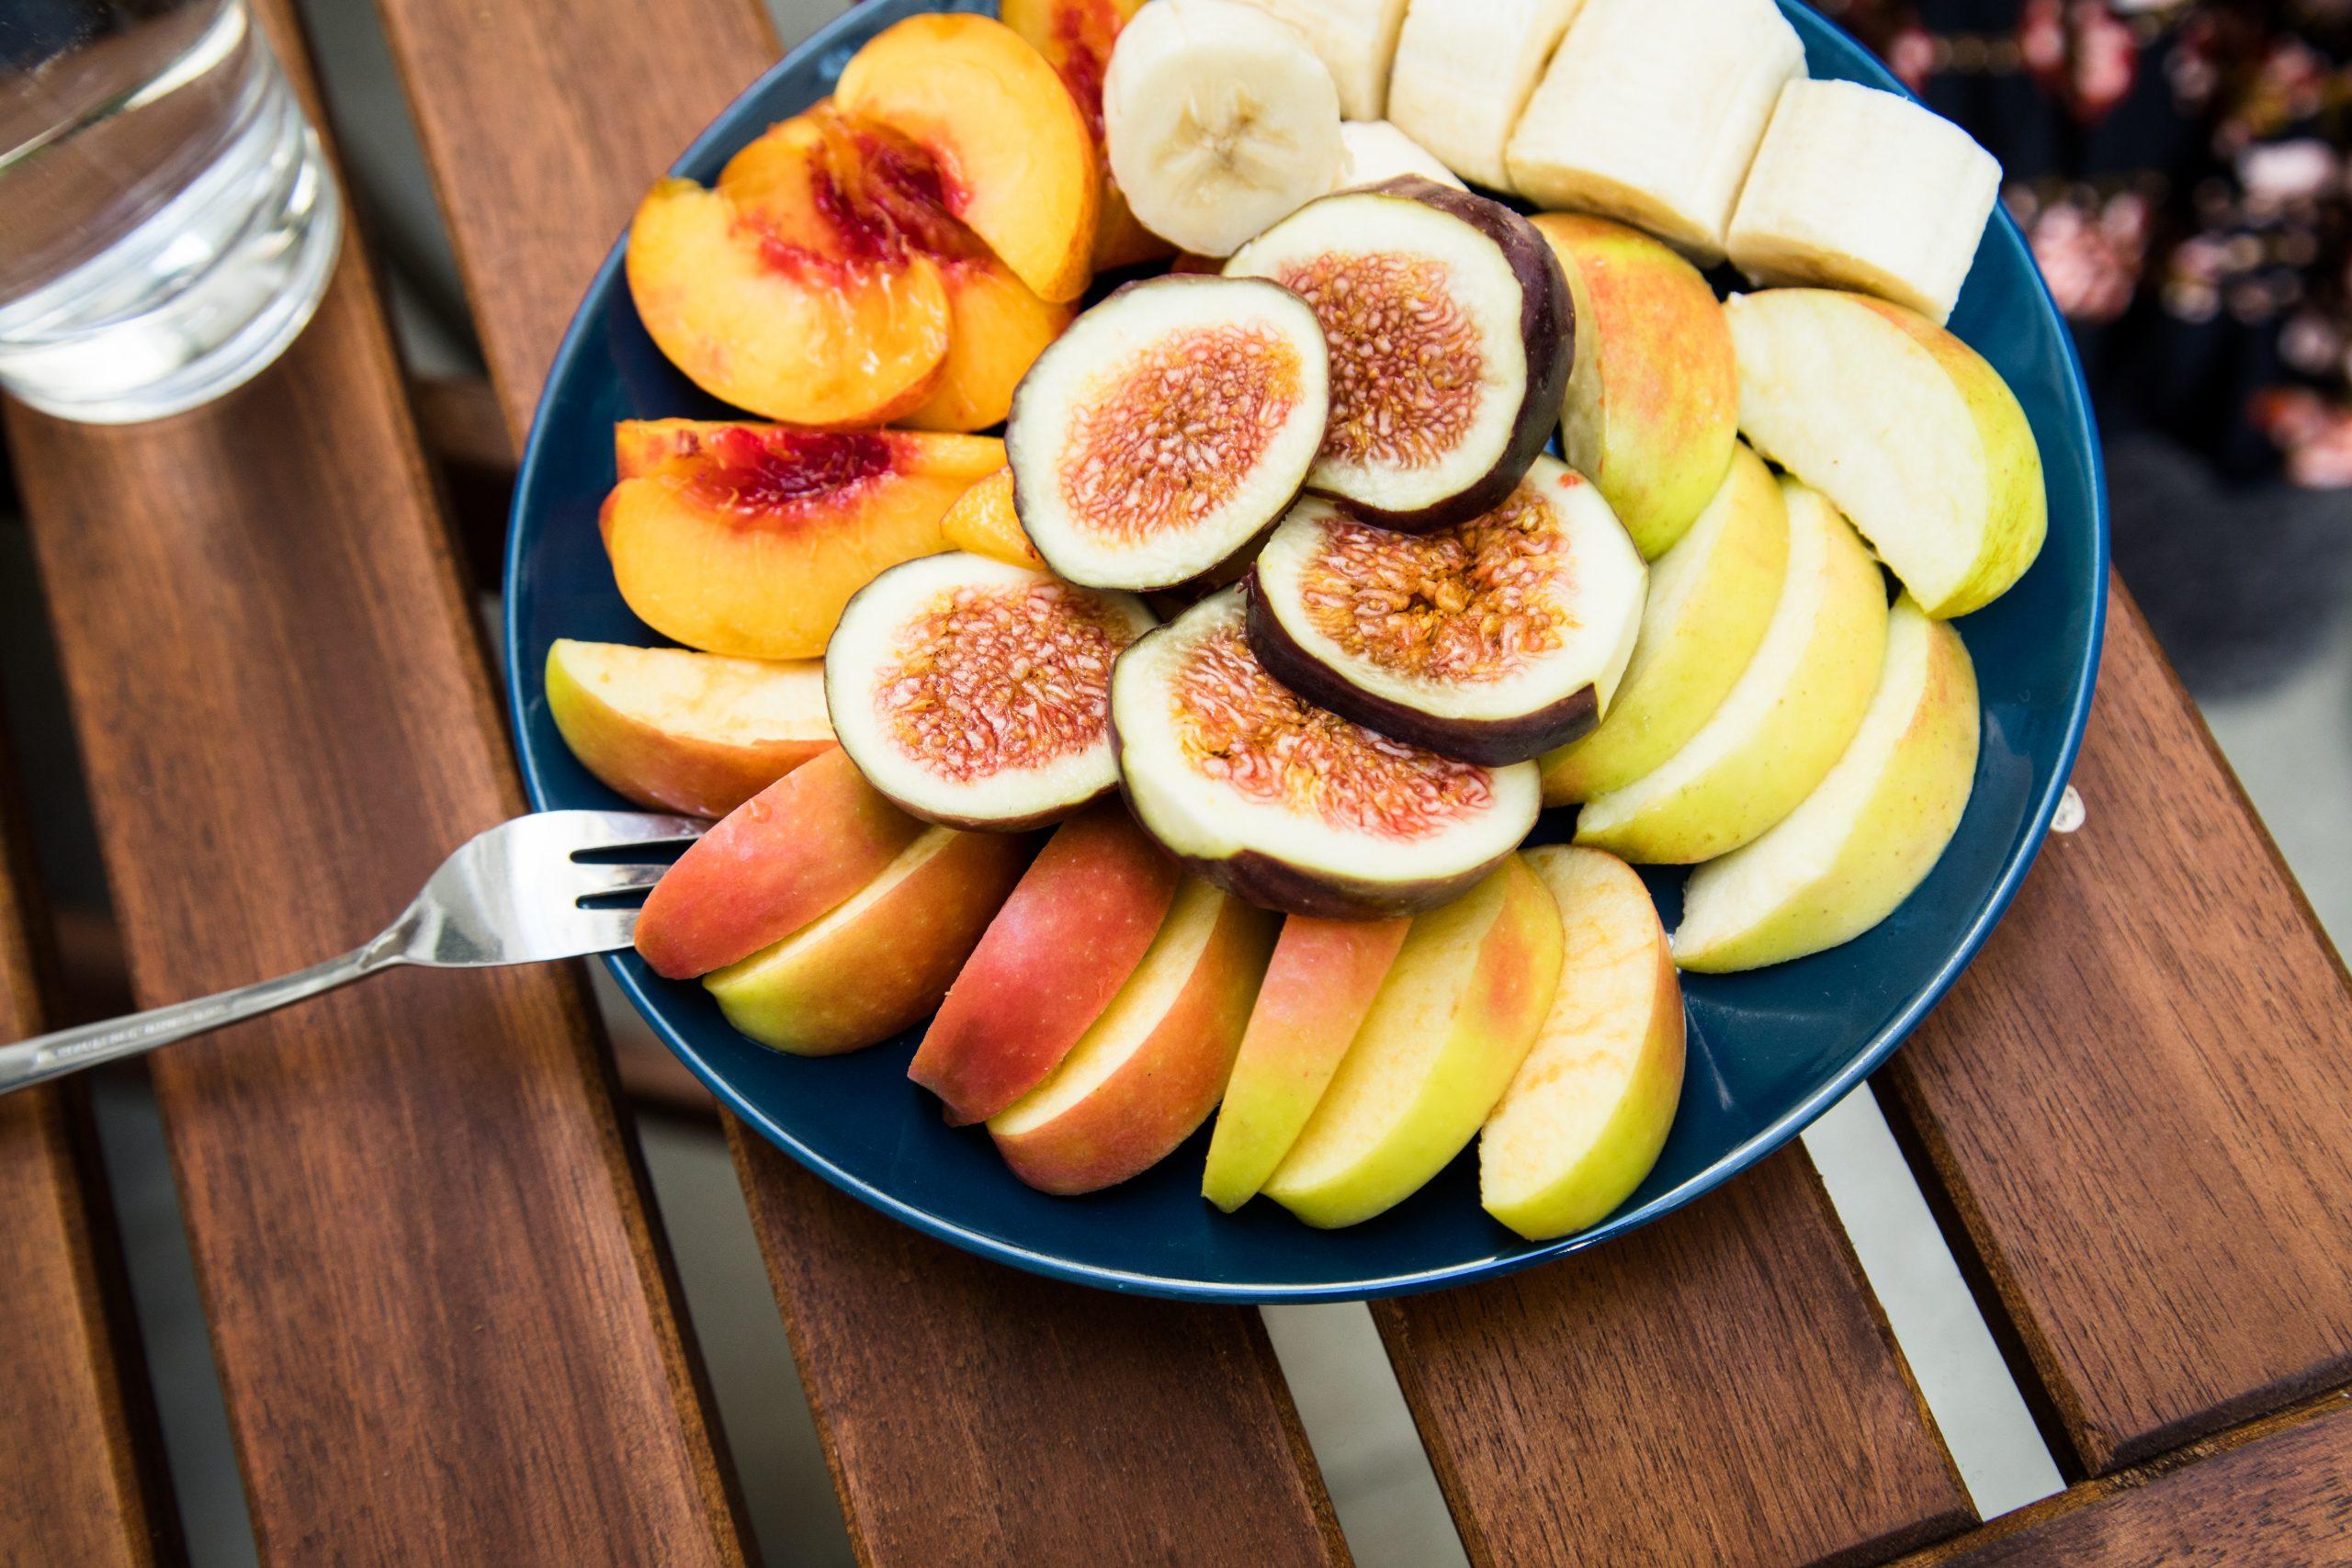 Ein gesunder Obstteller kann leider auch Blähungen verursachen. Wegen des vielen Fruchtzuckers.